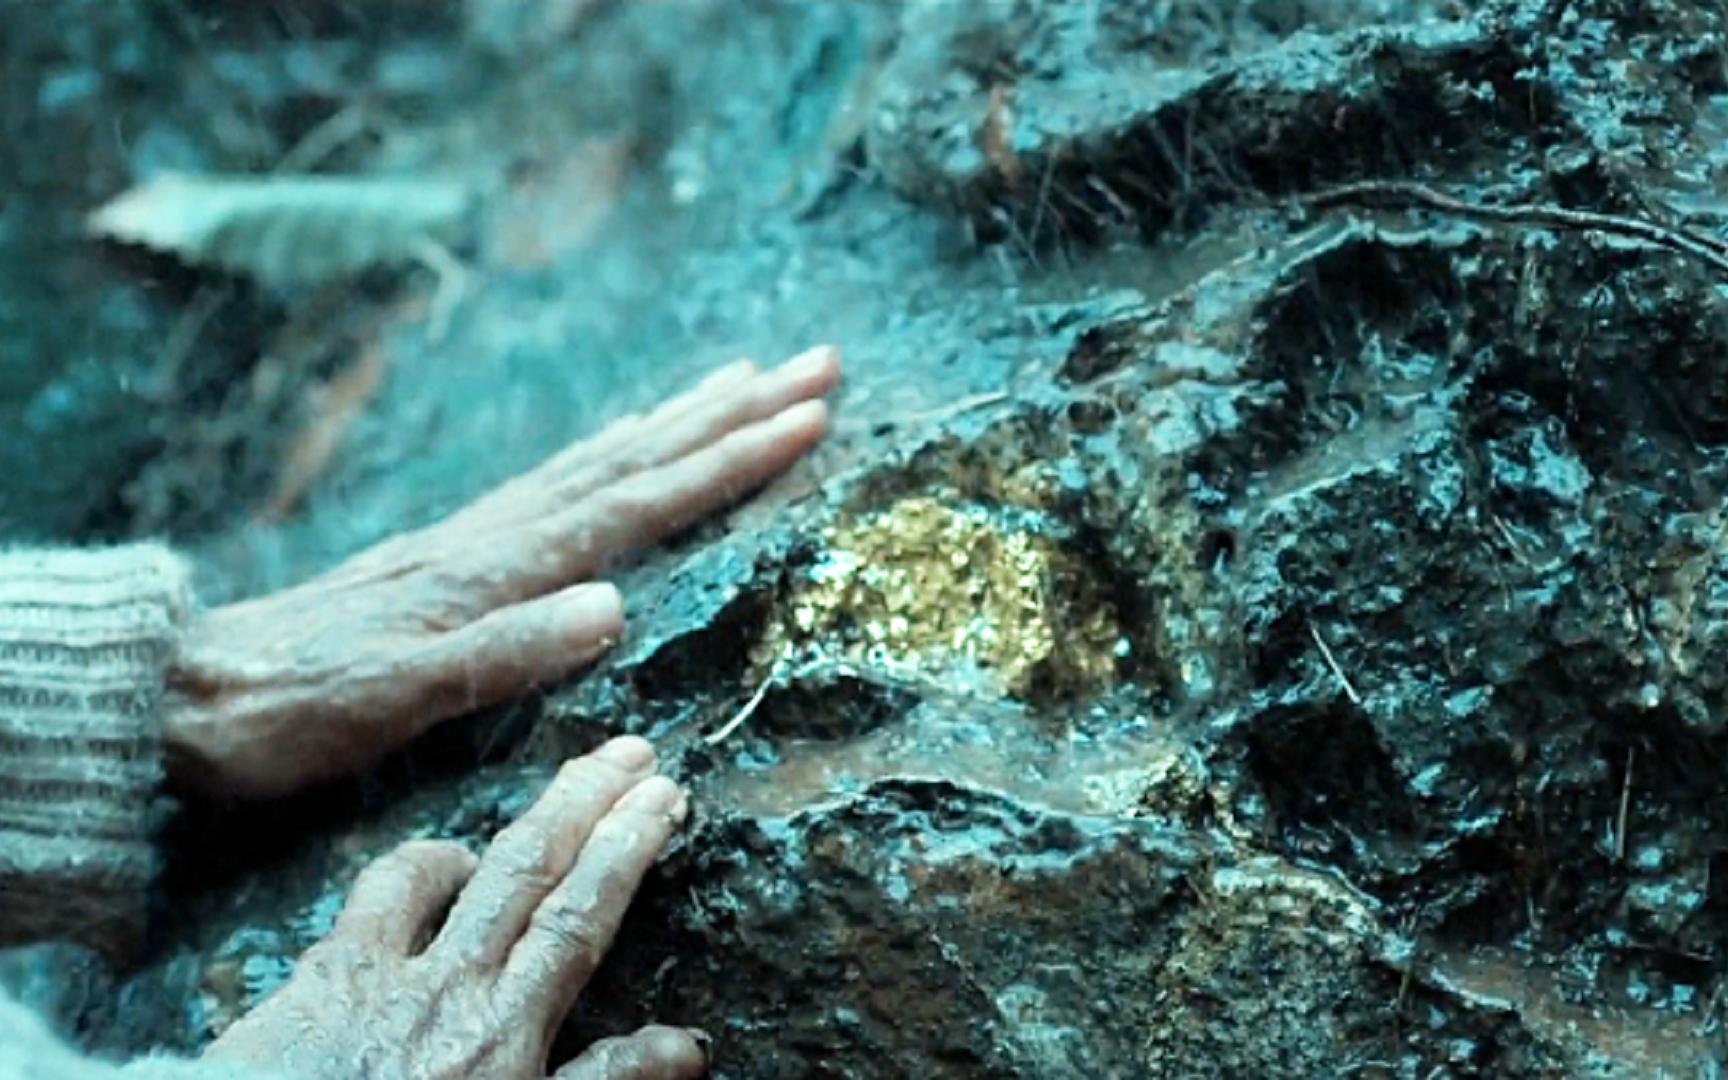 老太太发现金矿,却被人骗说是黄铁,一部韩国犯罪片